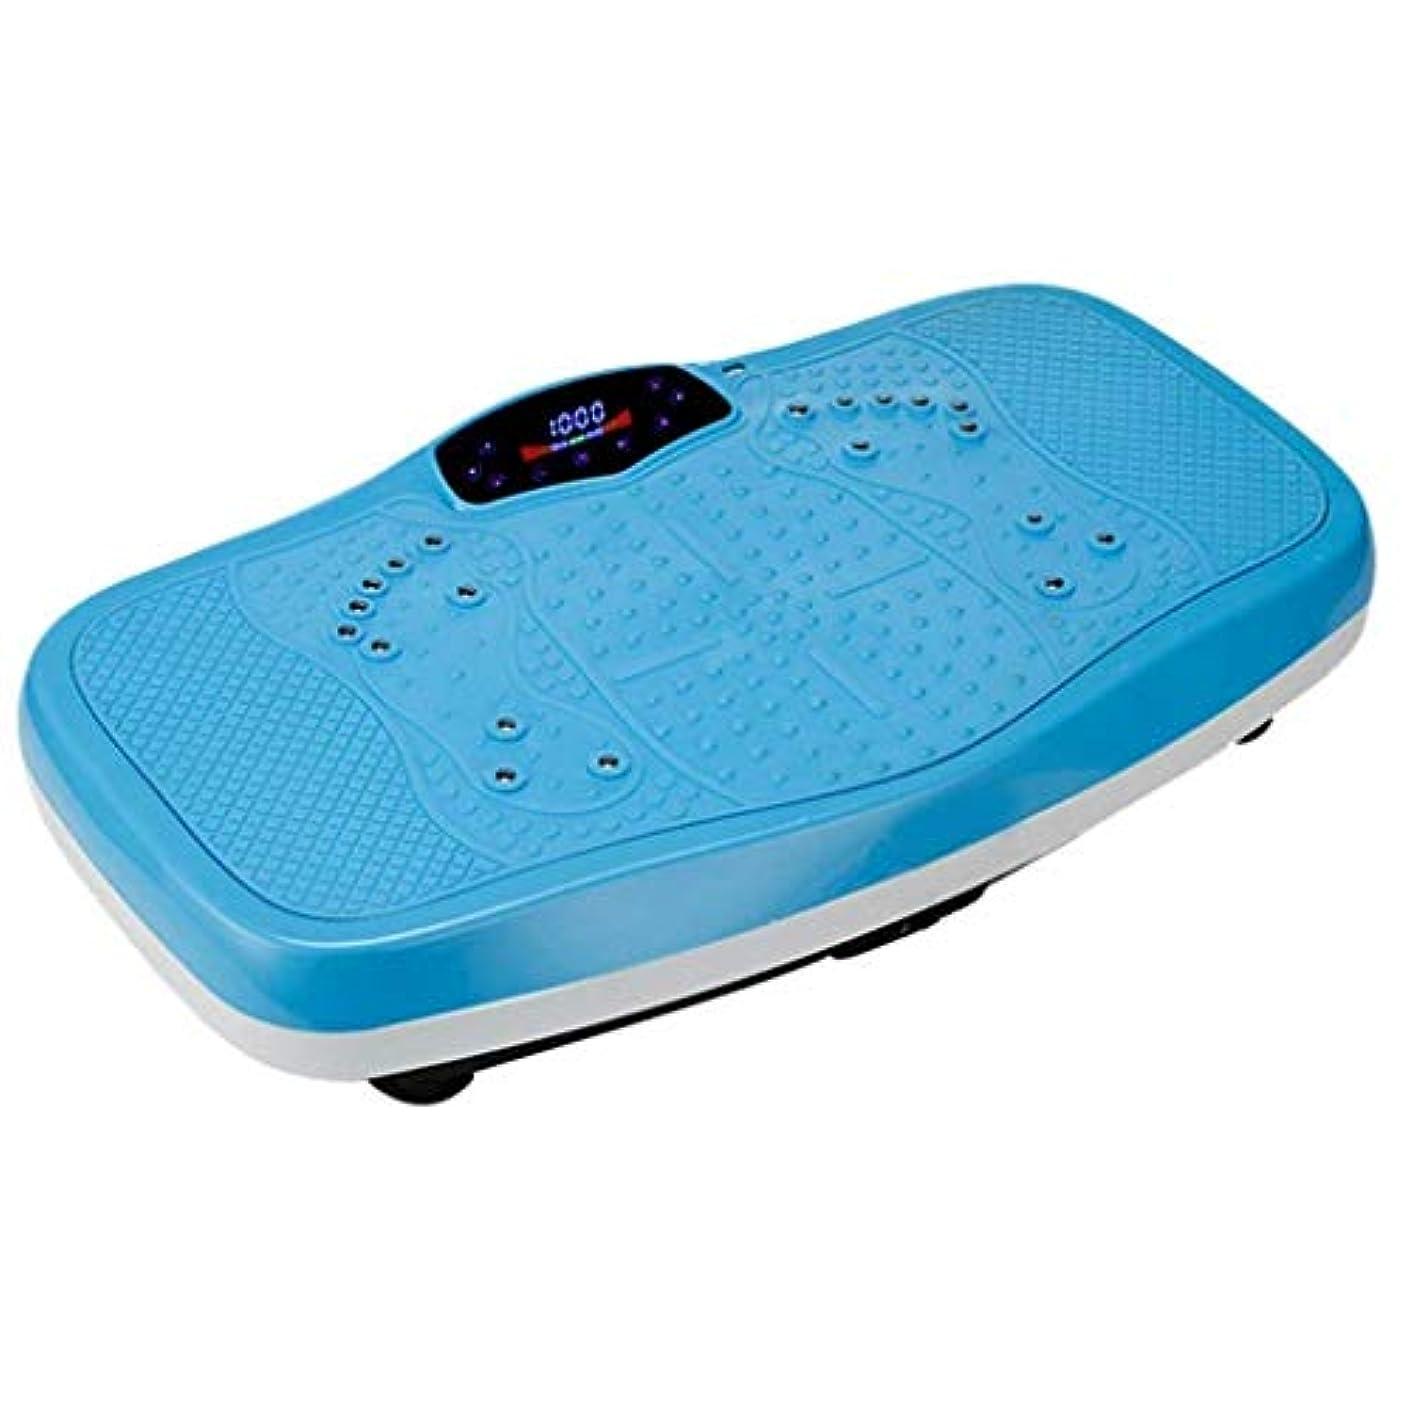 キリンパーフェルビッド接続された減量機、運動振動フィットネス形状体重減量機、Bluetoothスピーカー、家族/ジムに適し、ホームオフィス減量 (Color : 青)